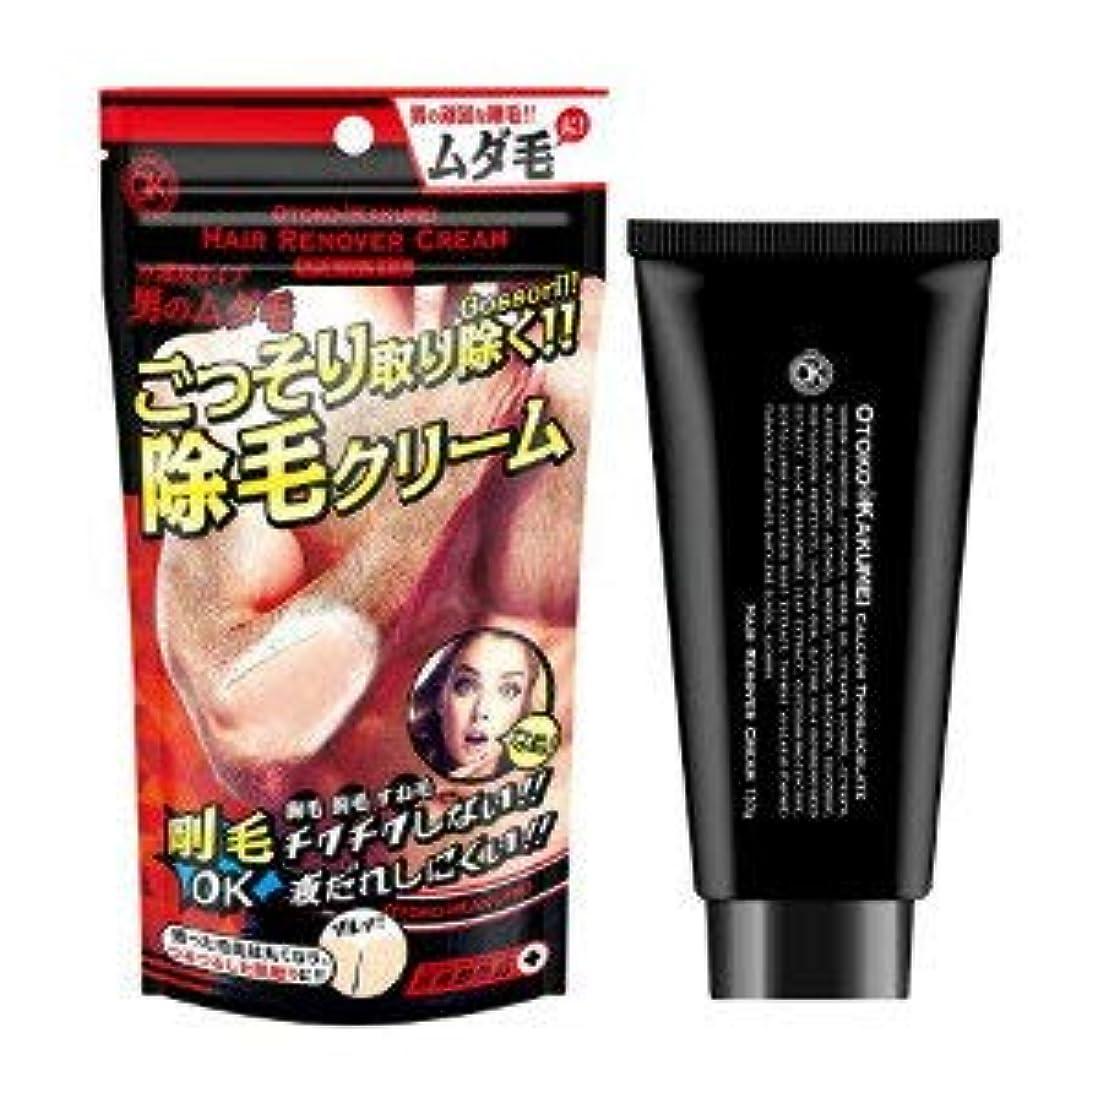 袋スローねばねばGR OTOKO KAKUMEI ヘアリムーバークリーム 130g×3個セット (医薬部外品)